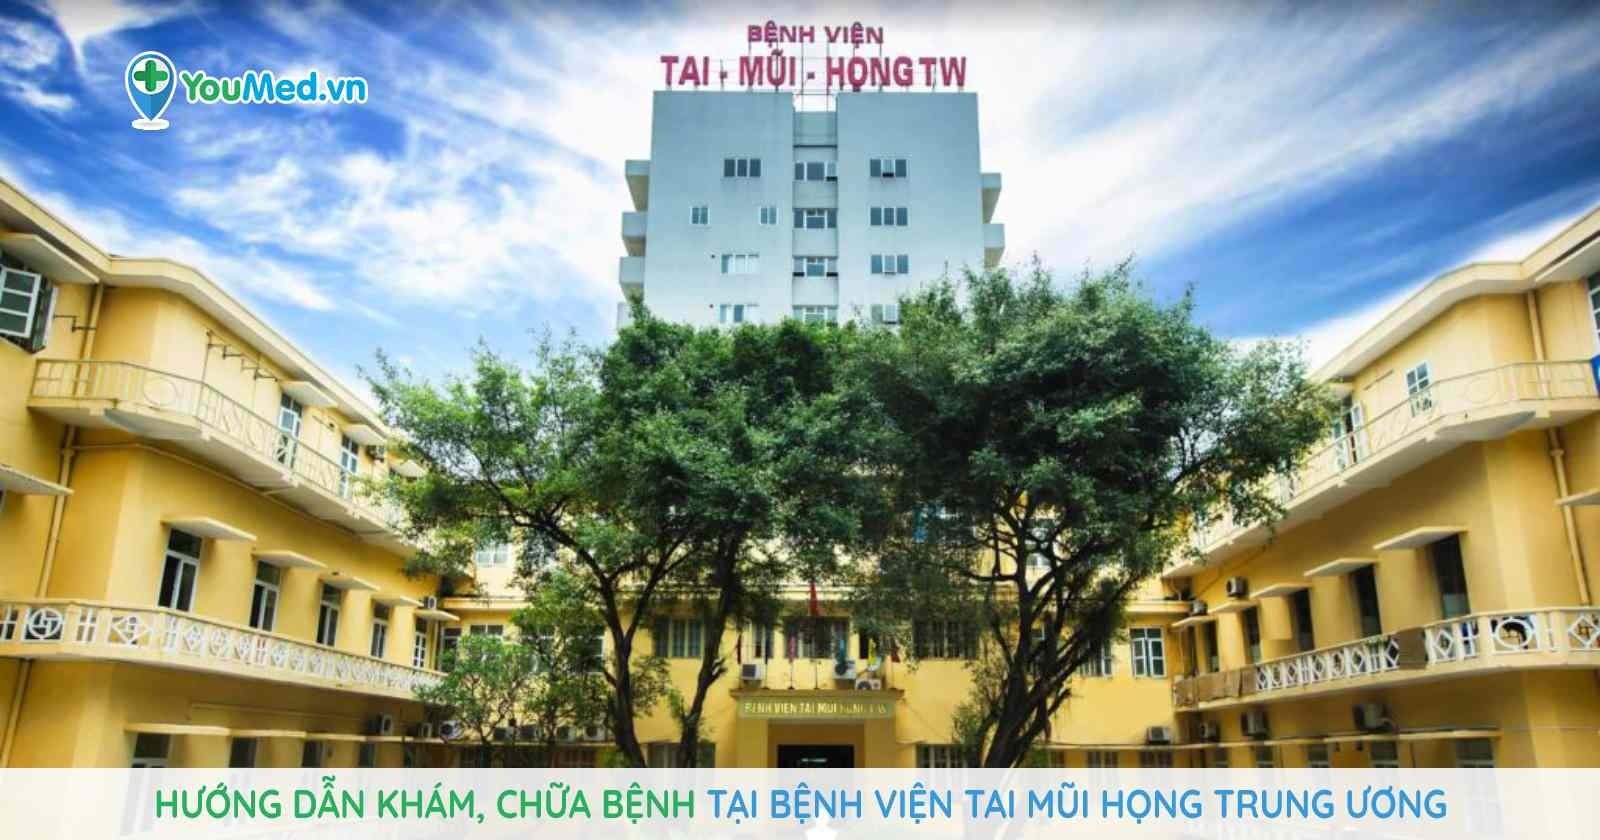 Hướng dẫn khám, chữa bệnh tại Bệnh viện Tai Mũi Họng trung ương